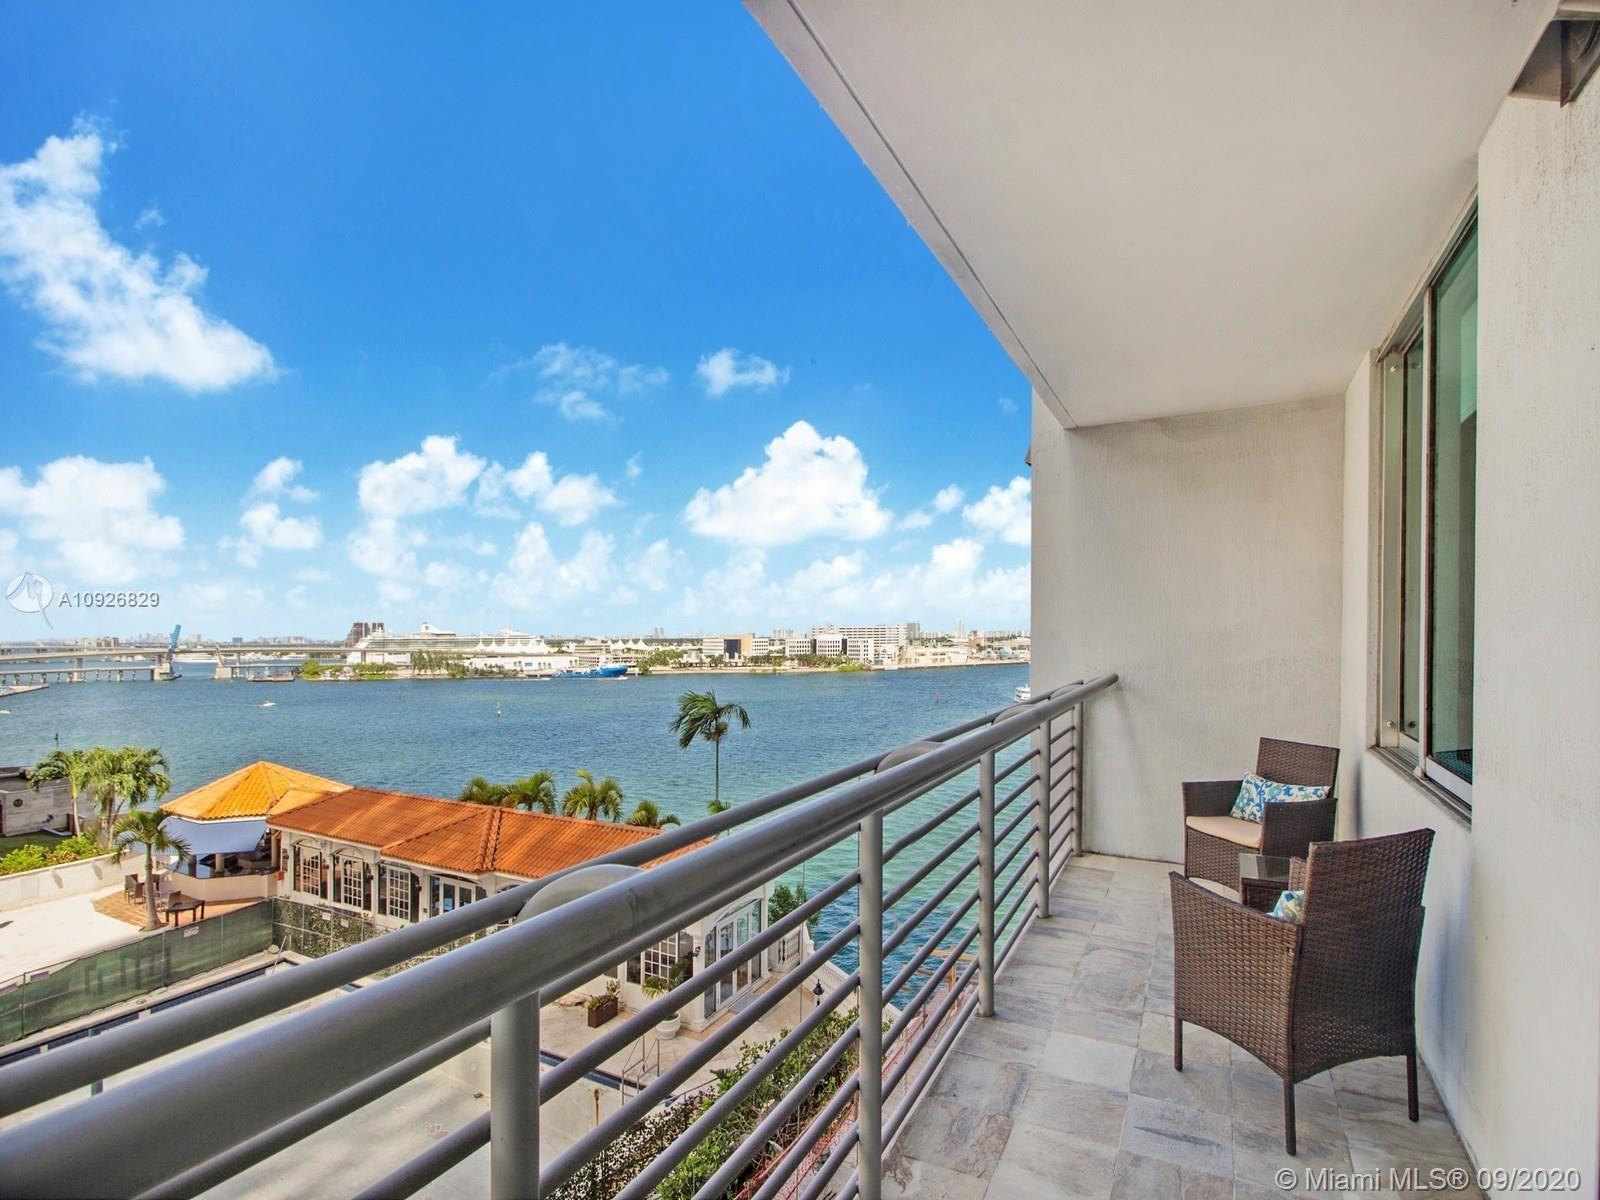 335 S Biscayne Blvd #1010, Miami, FL 33131 - #: A10926829